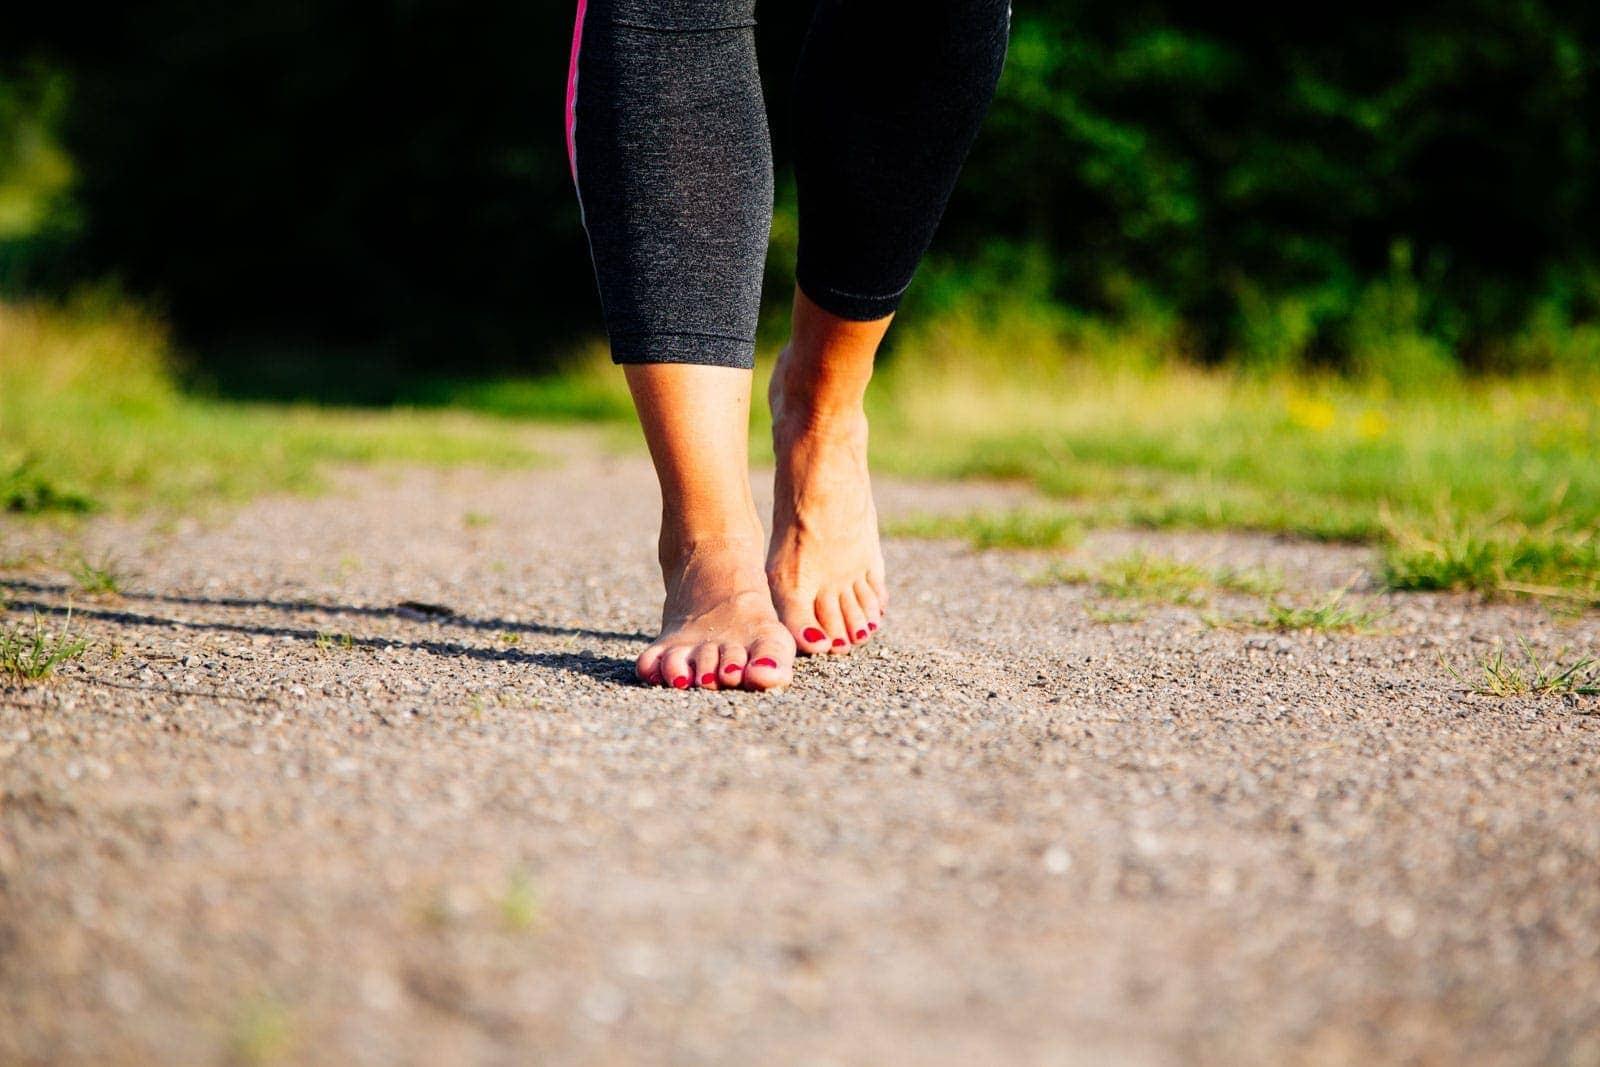 Fotografie einer auf steinigem Boden gehenden Barfussigen Frau